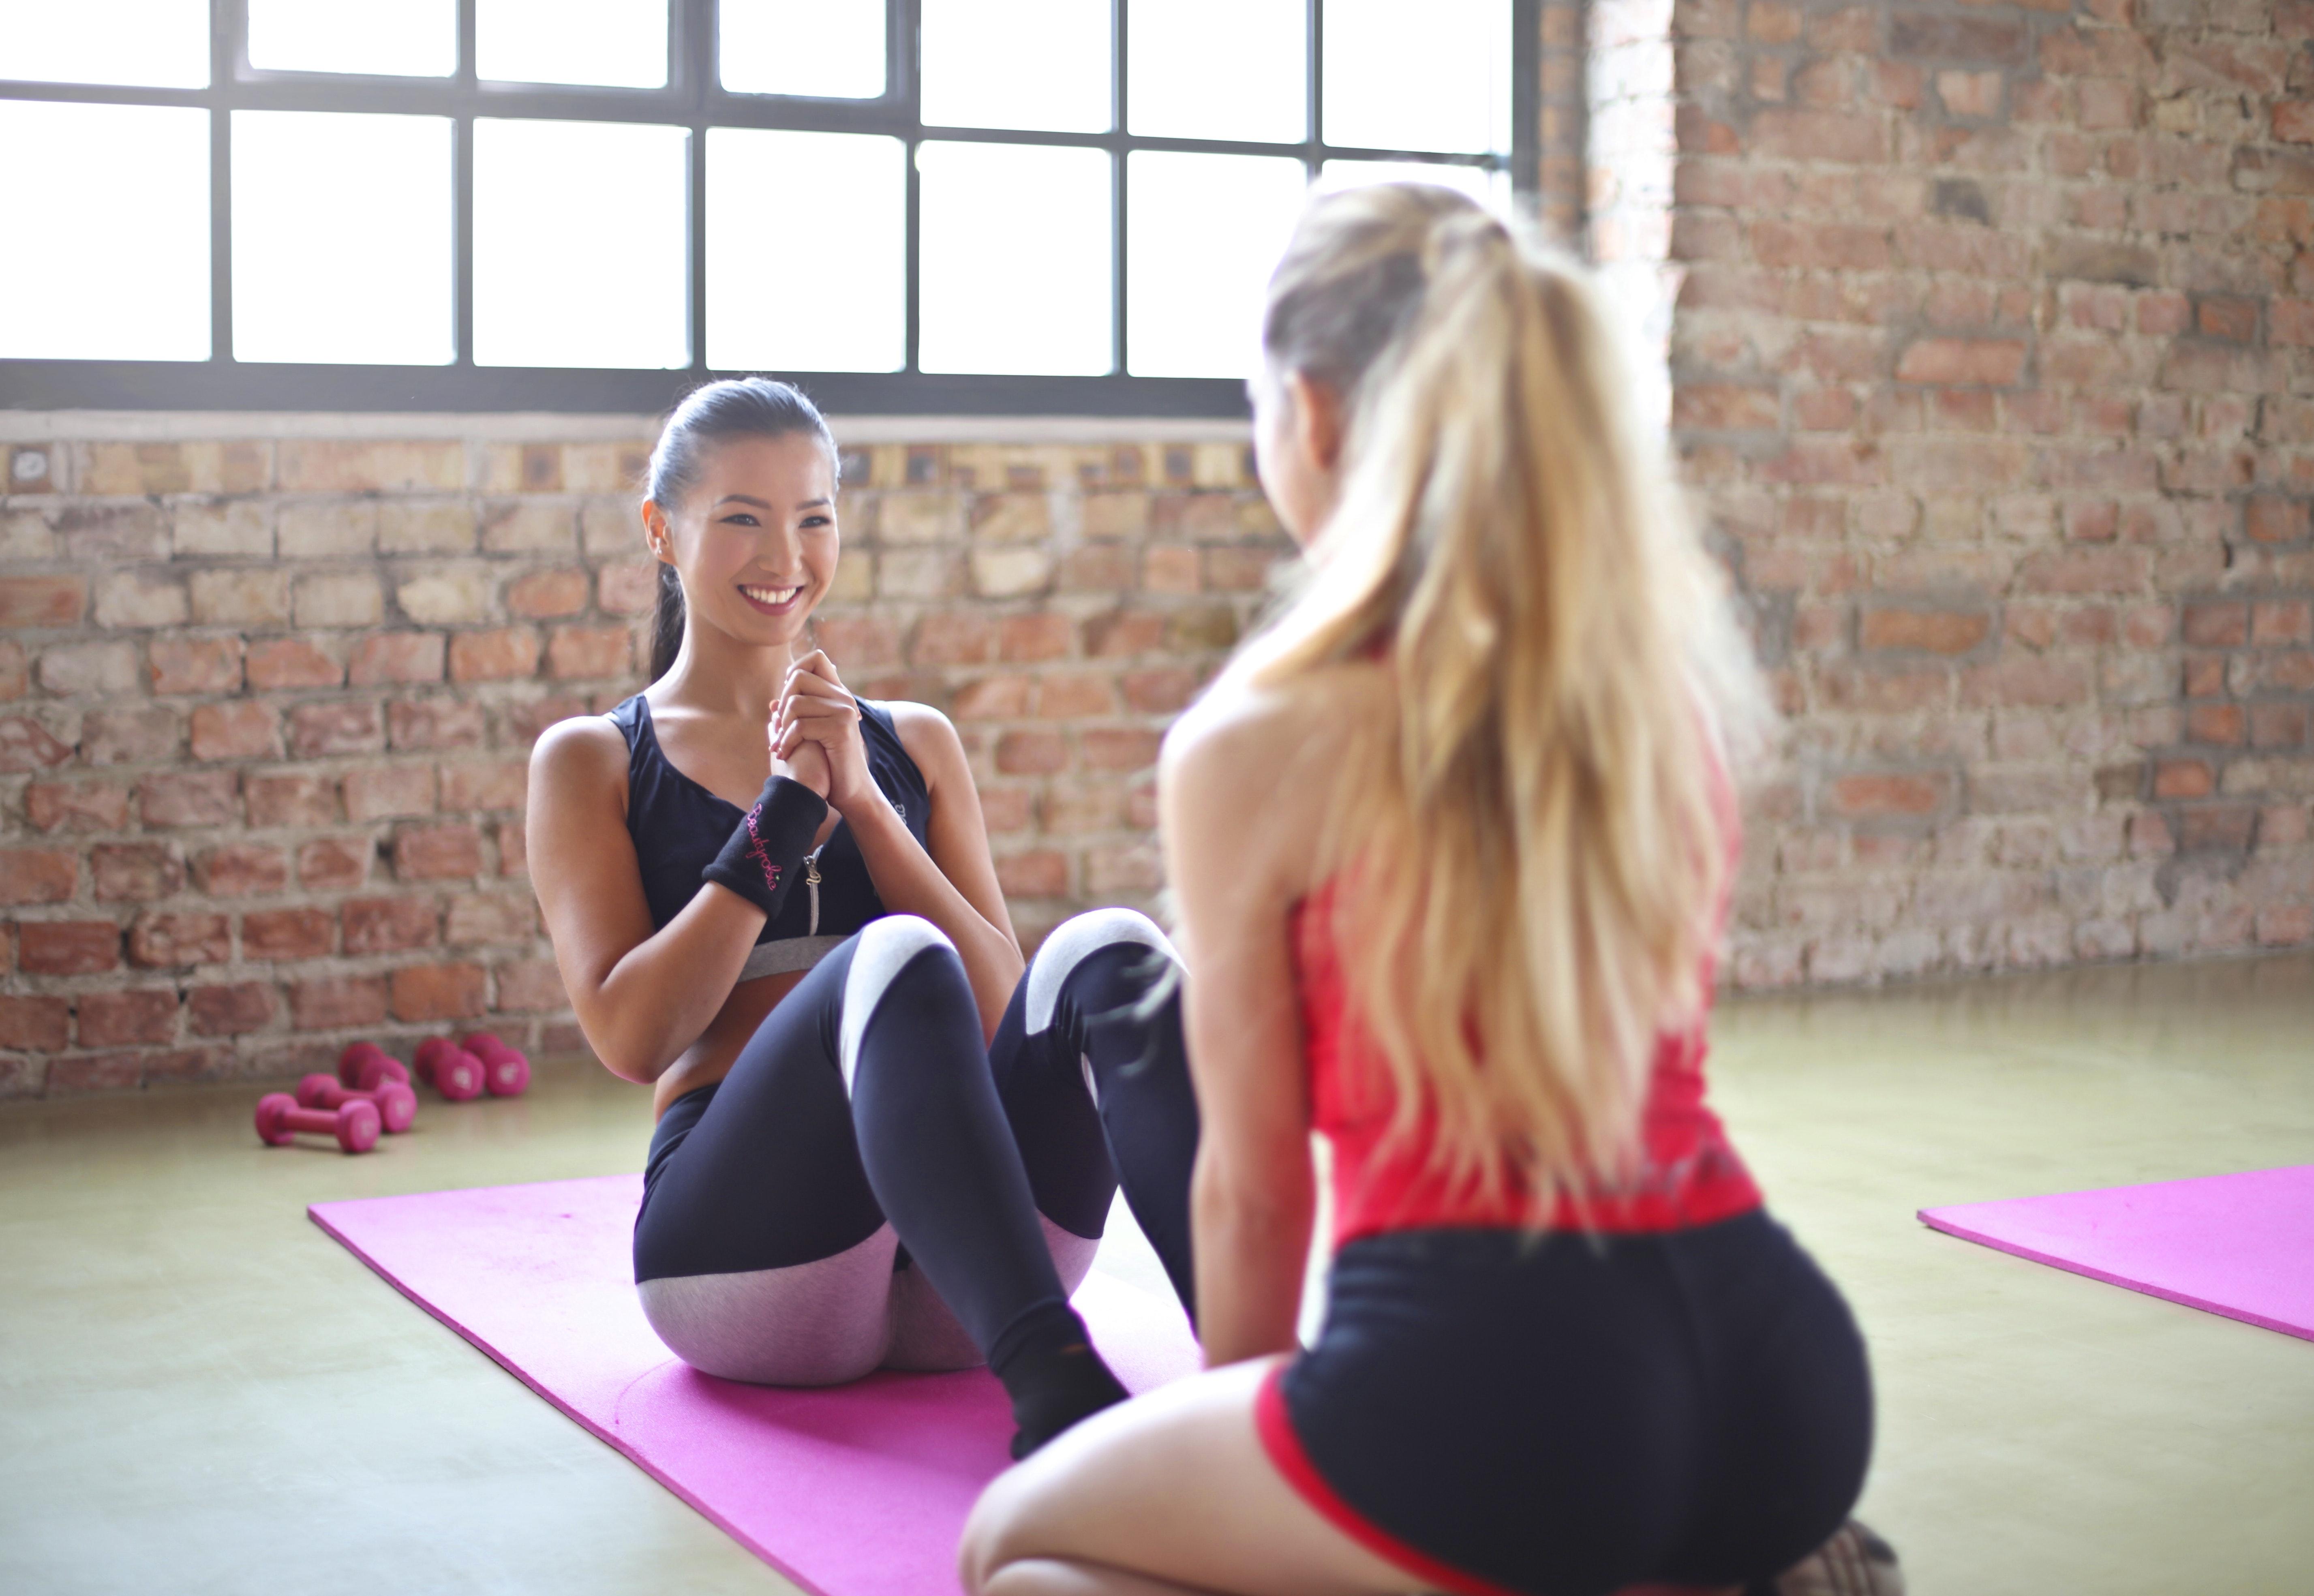 Wellness Focused Businesses & Companies